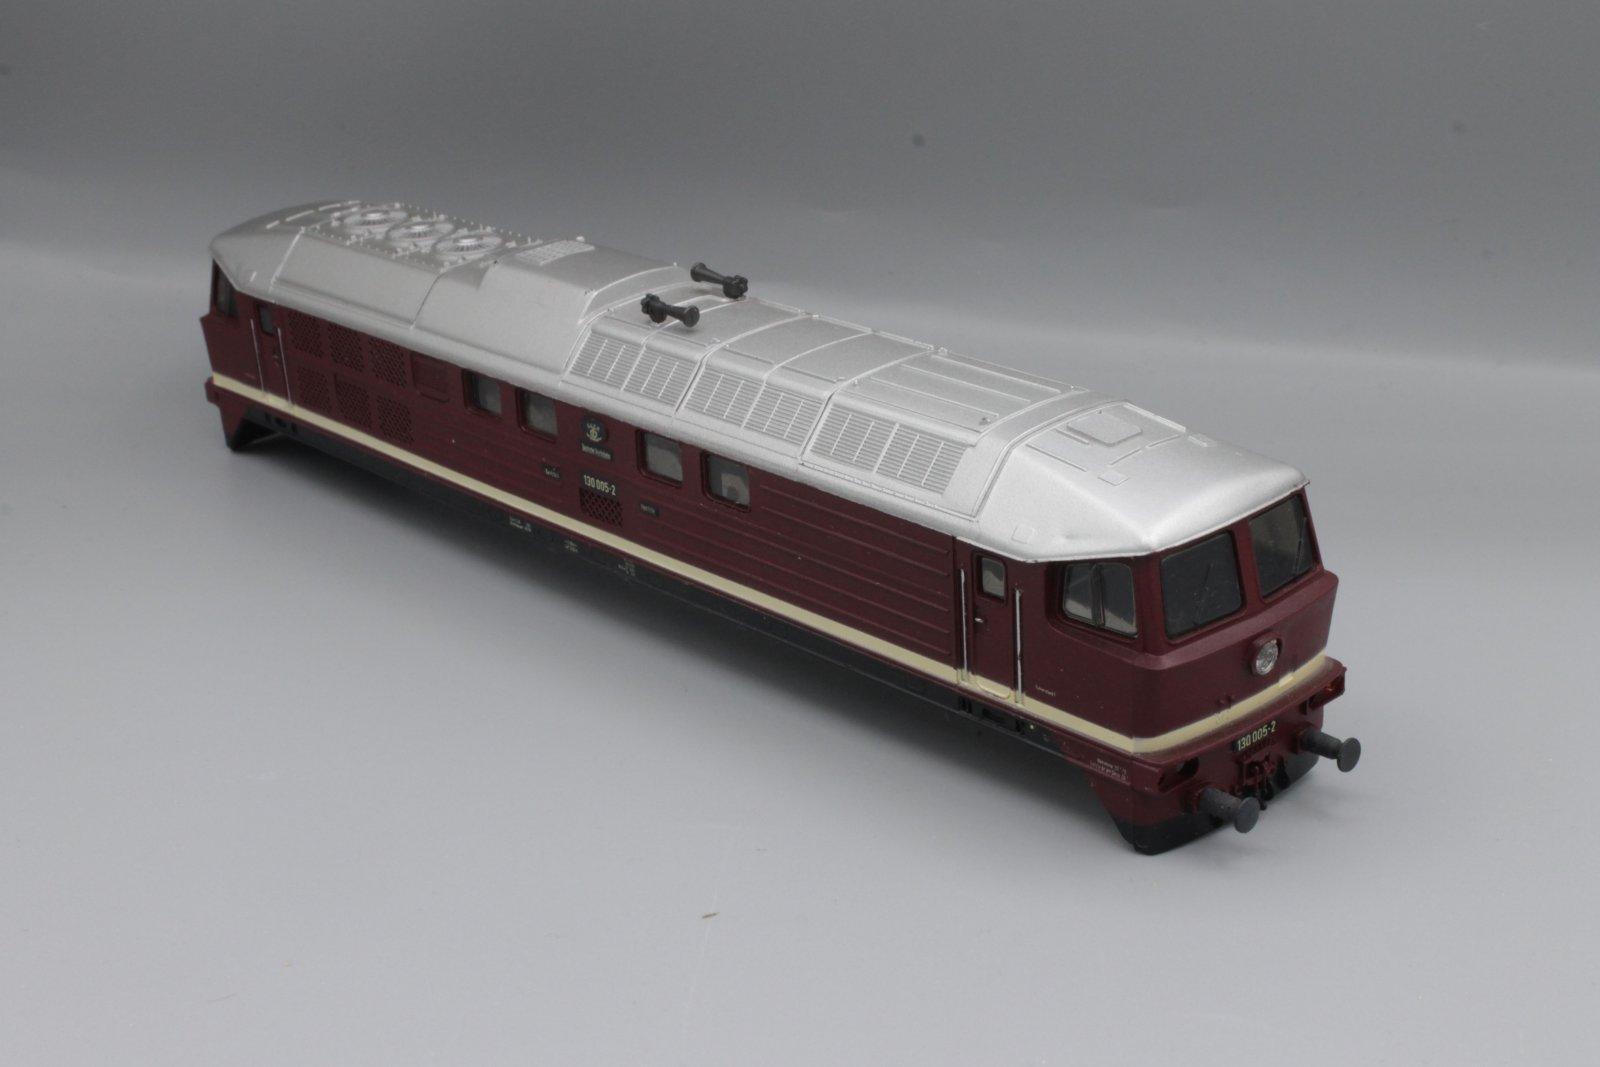 Ersatzteil Piko 130 Gehäuse 130 005-2 DR -H0 (DDR)- dunkelrot mit silbernem Dach